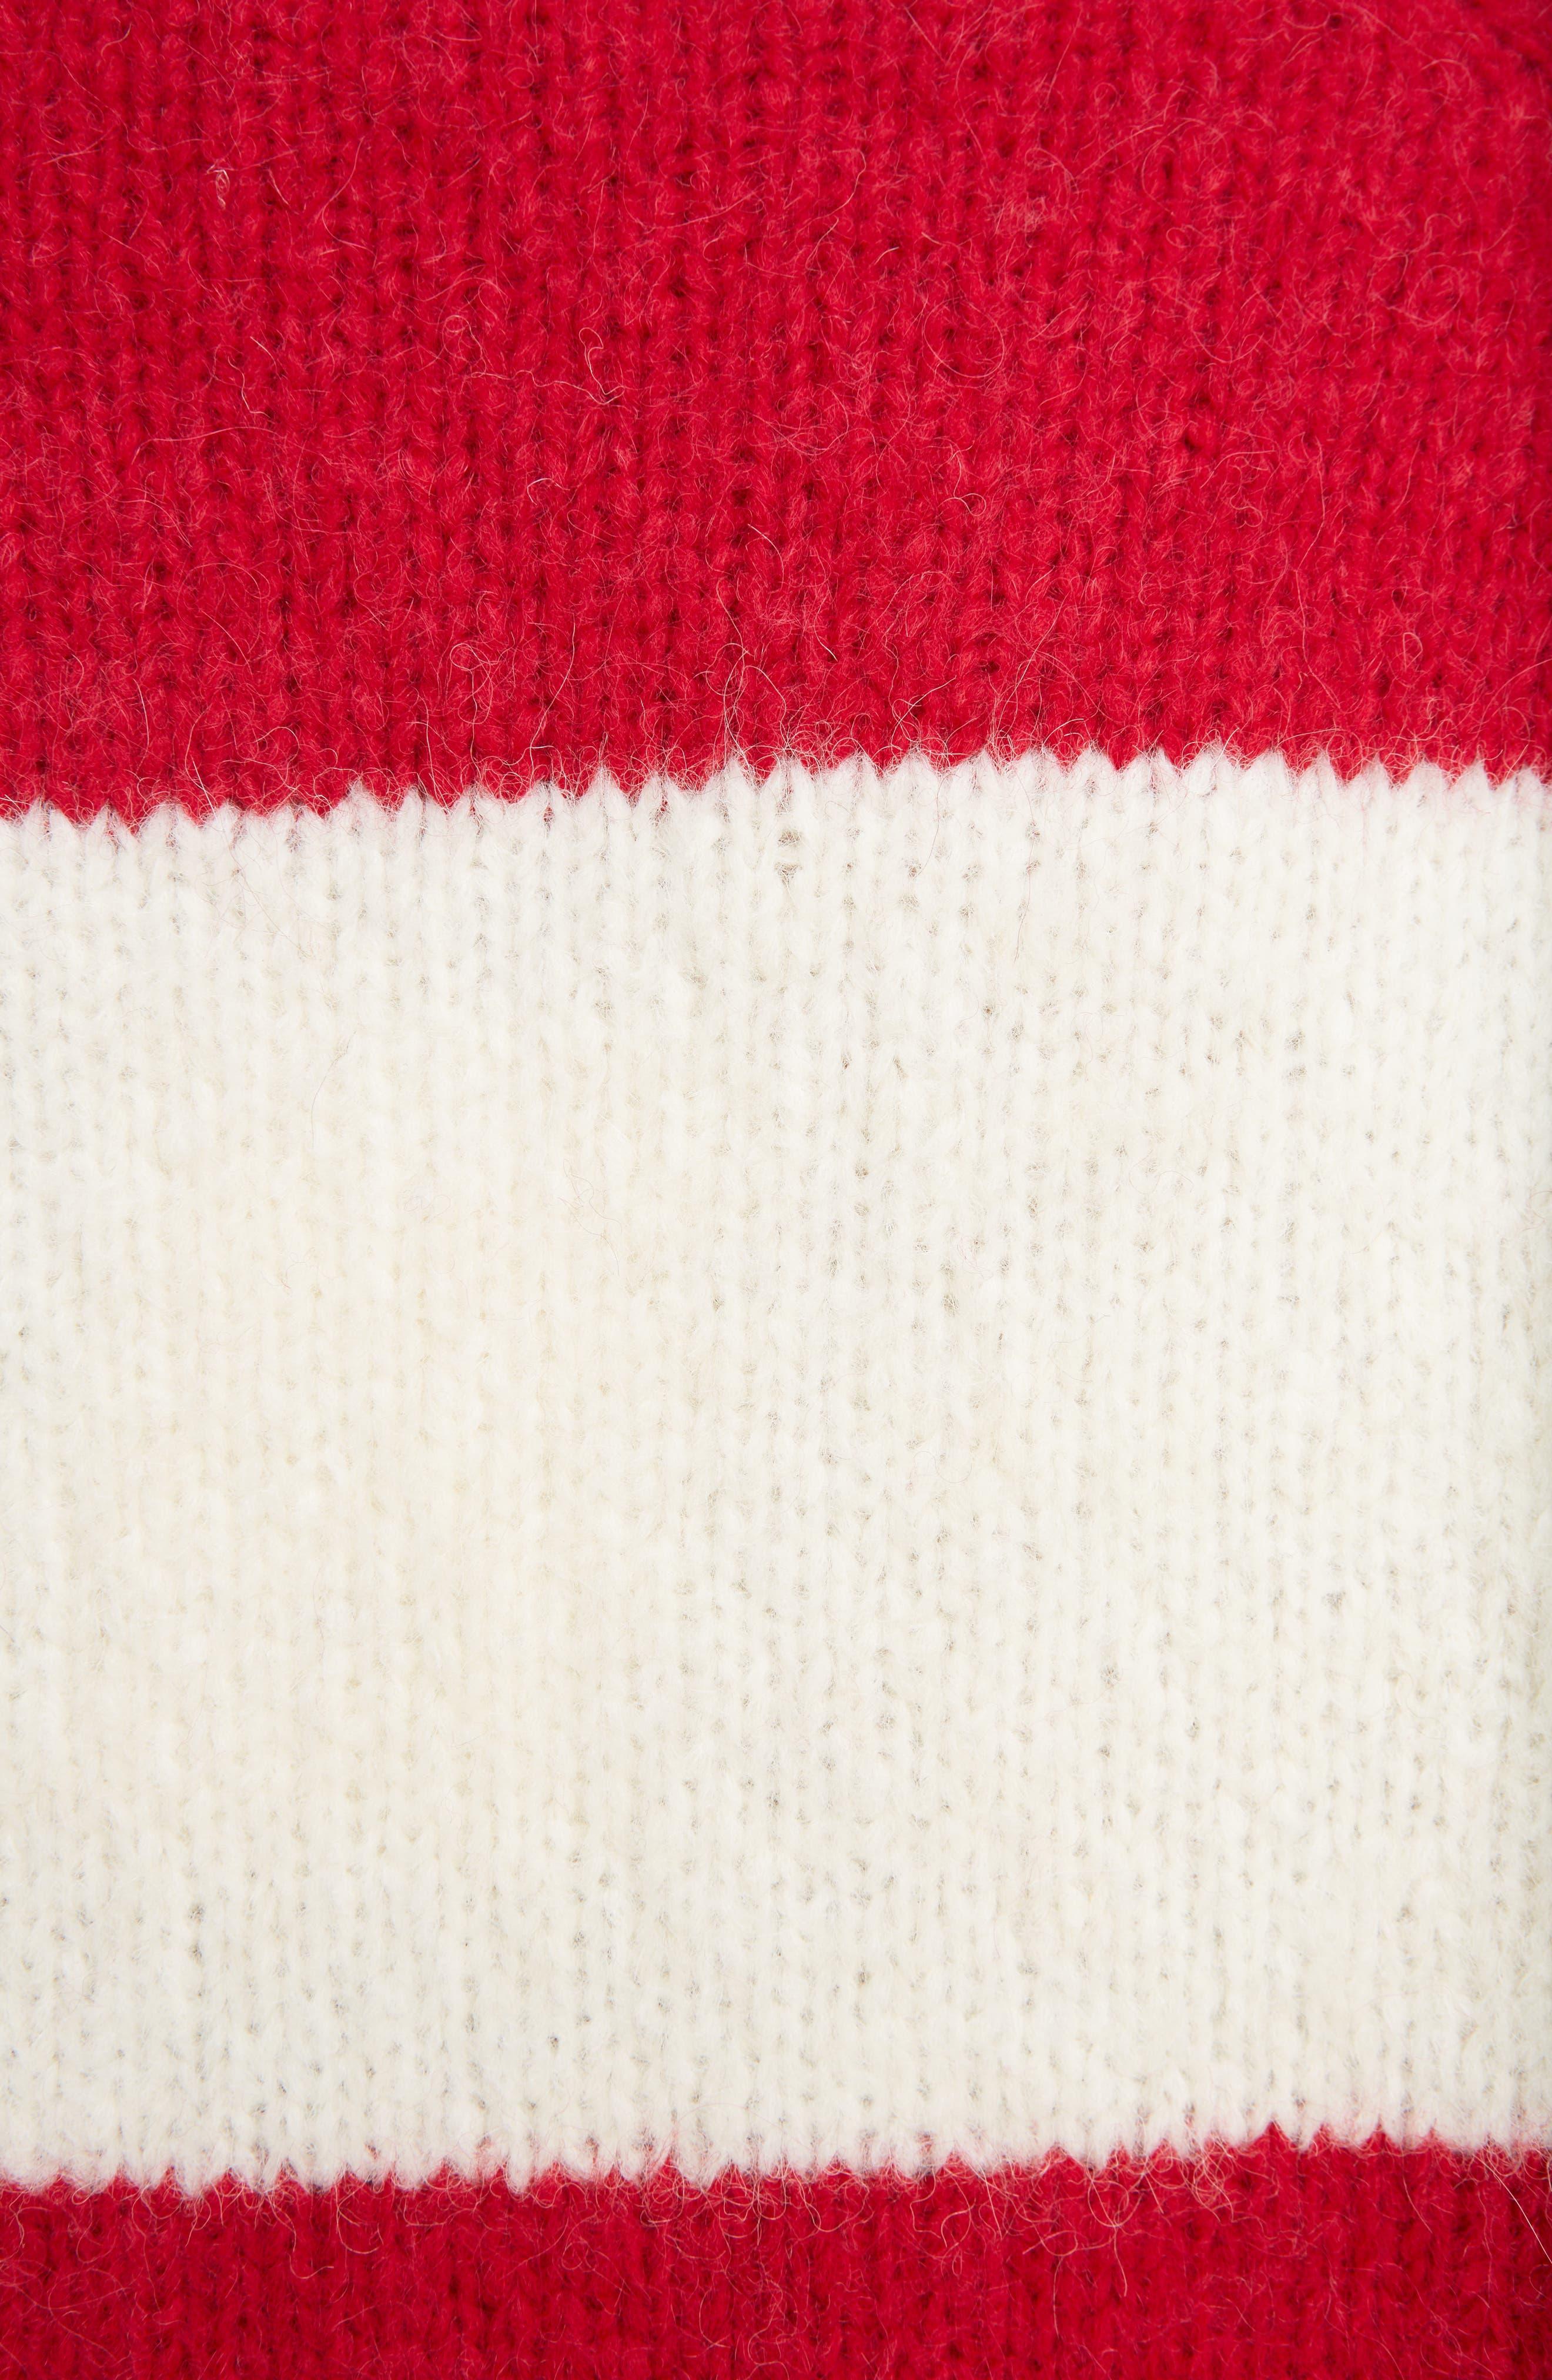 Albah Oversized Stripe Sweater,                             Alternate thumbnail 5, color,                             Red/ White